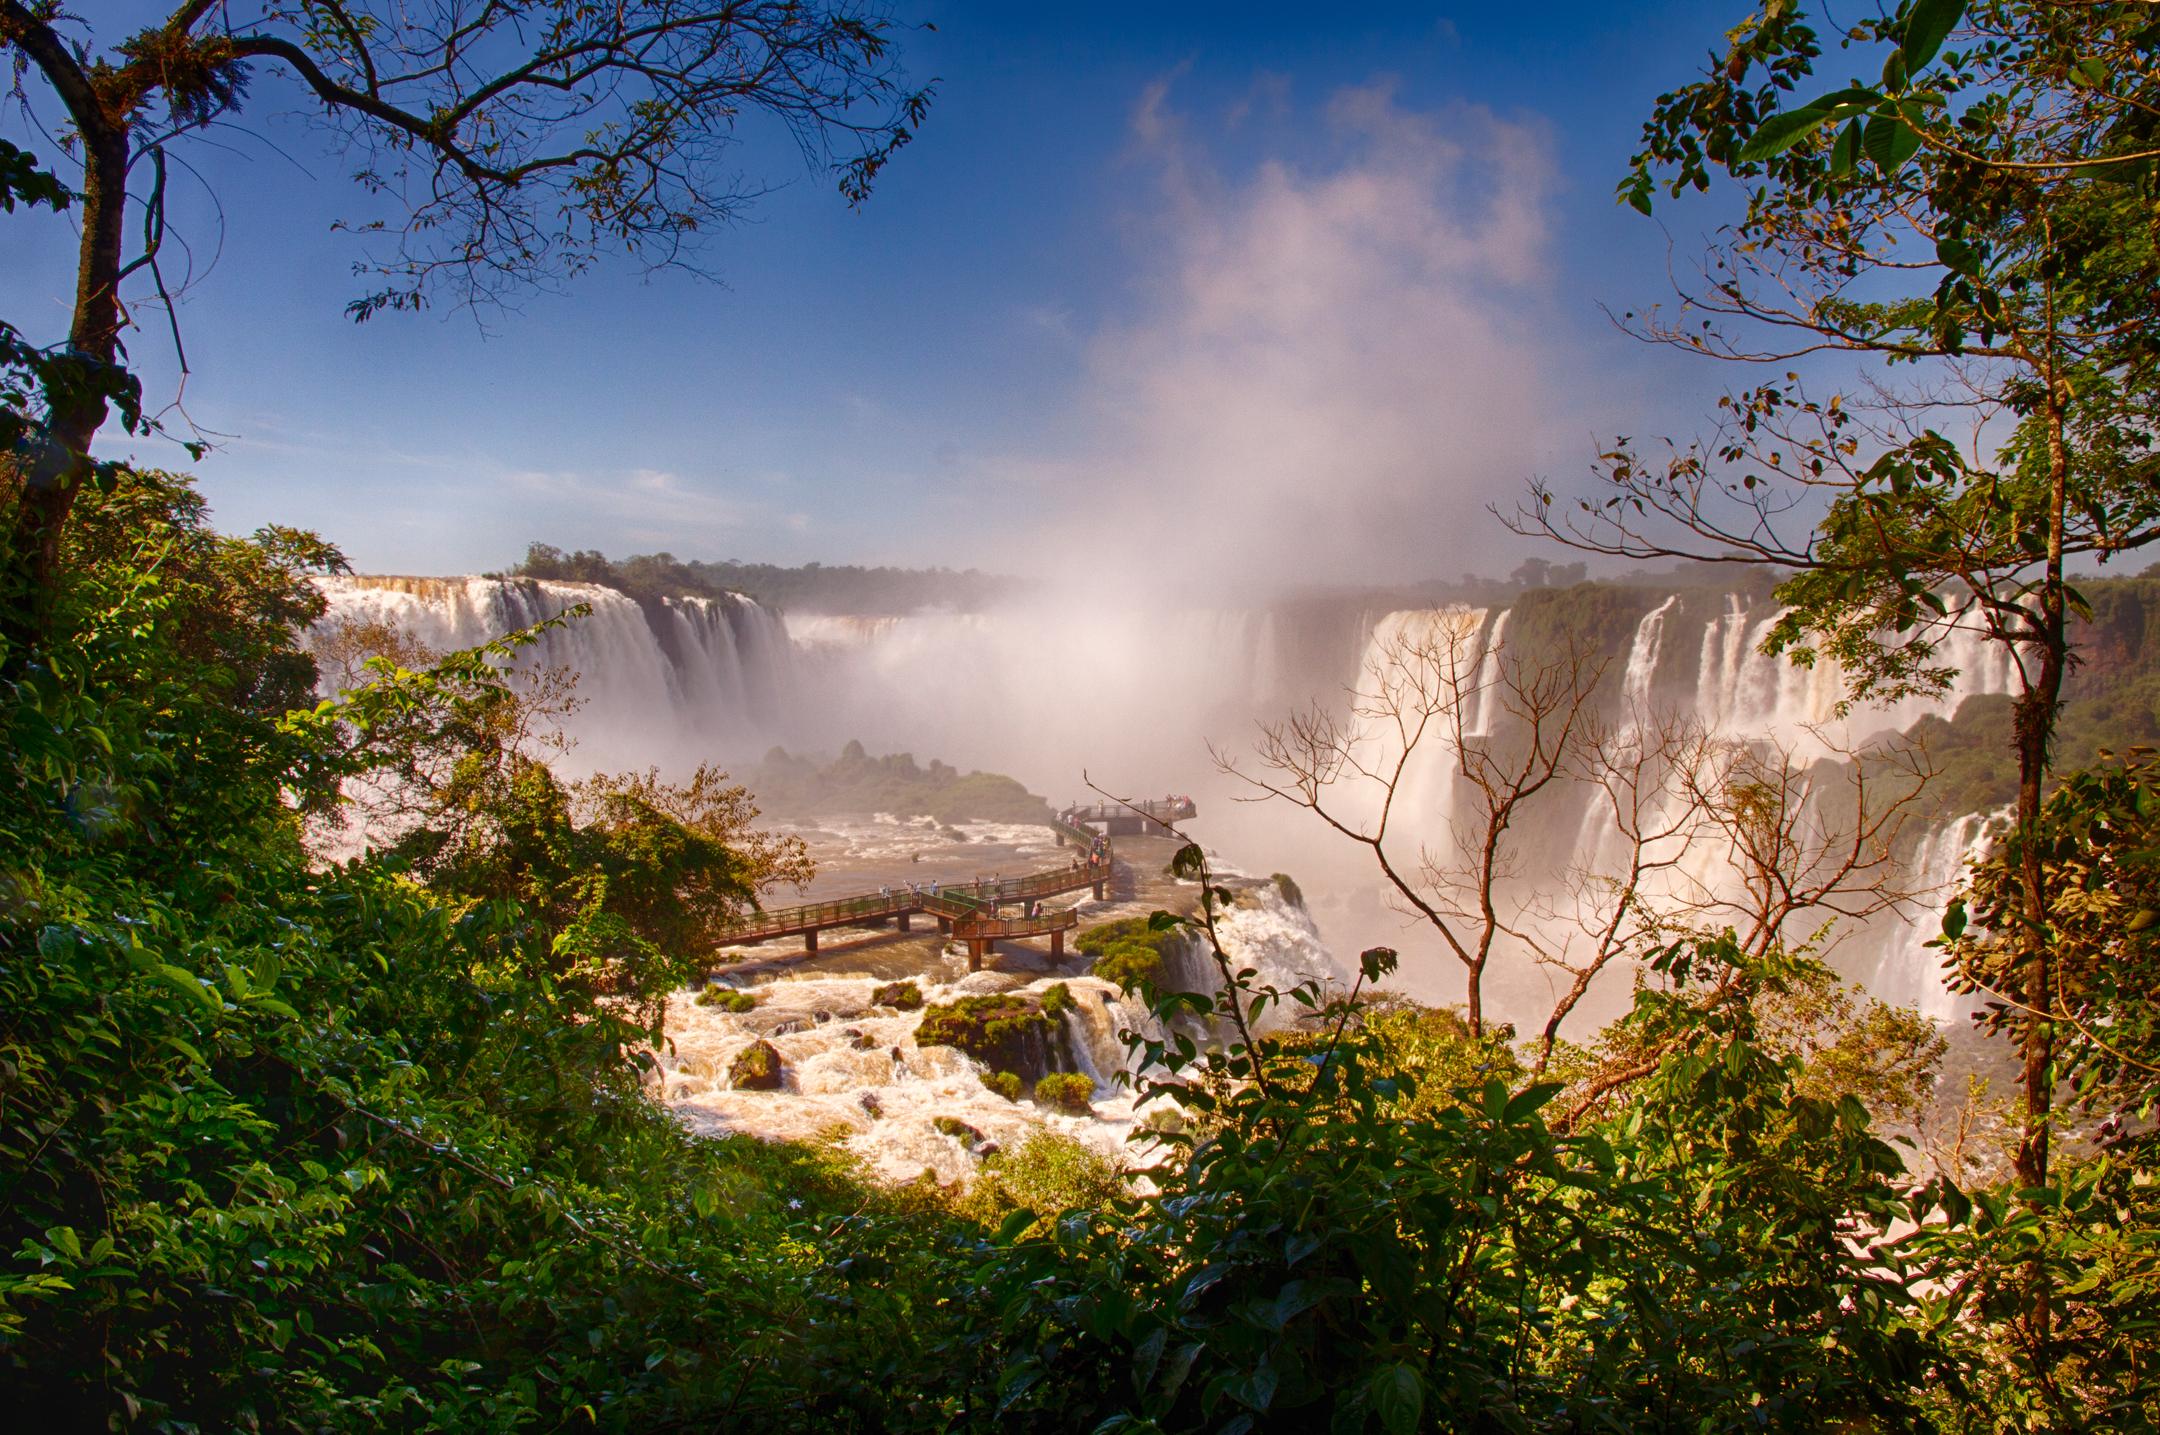 Devil's-Throat-Iguazu-Falls-Brazil-5.jpg